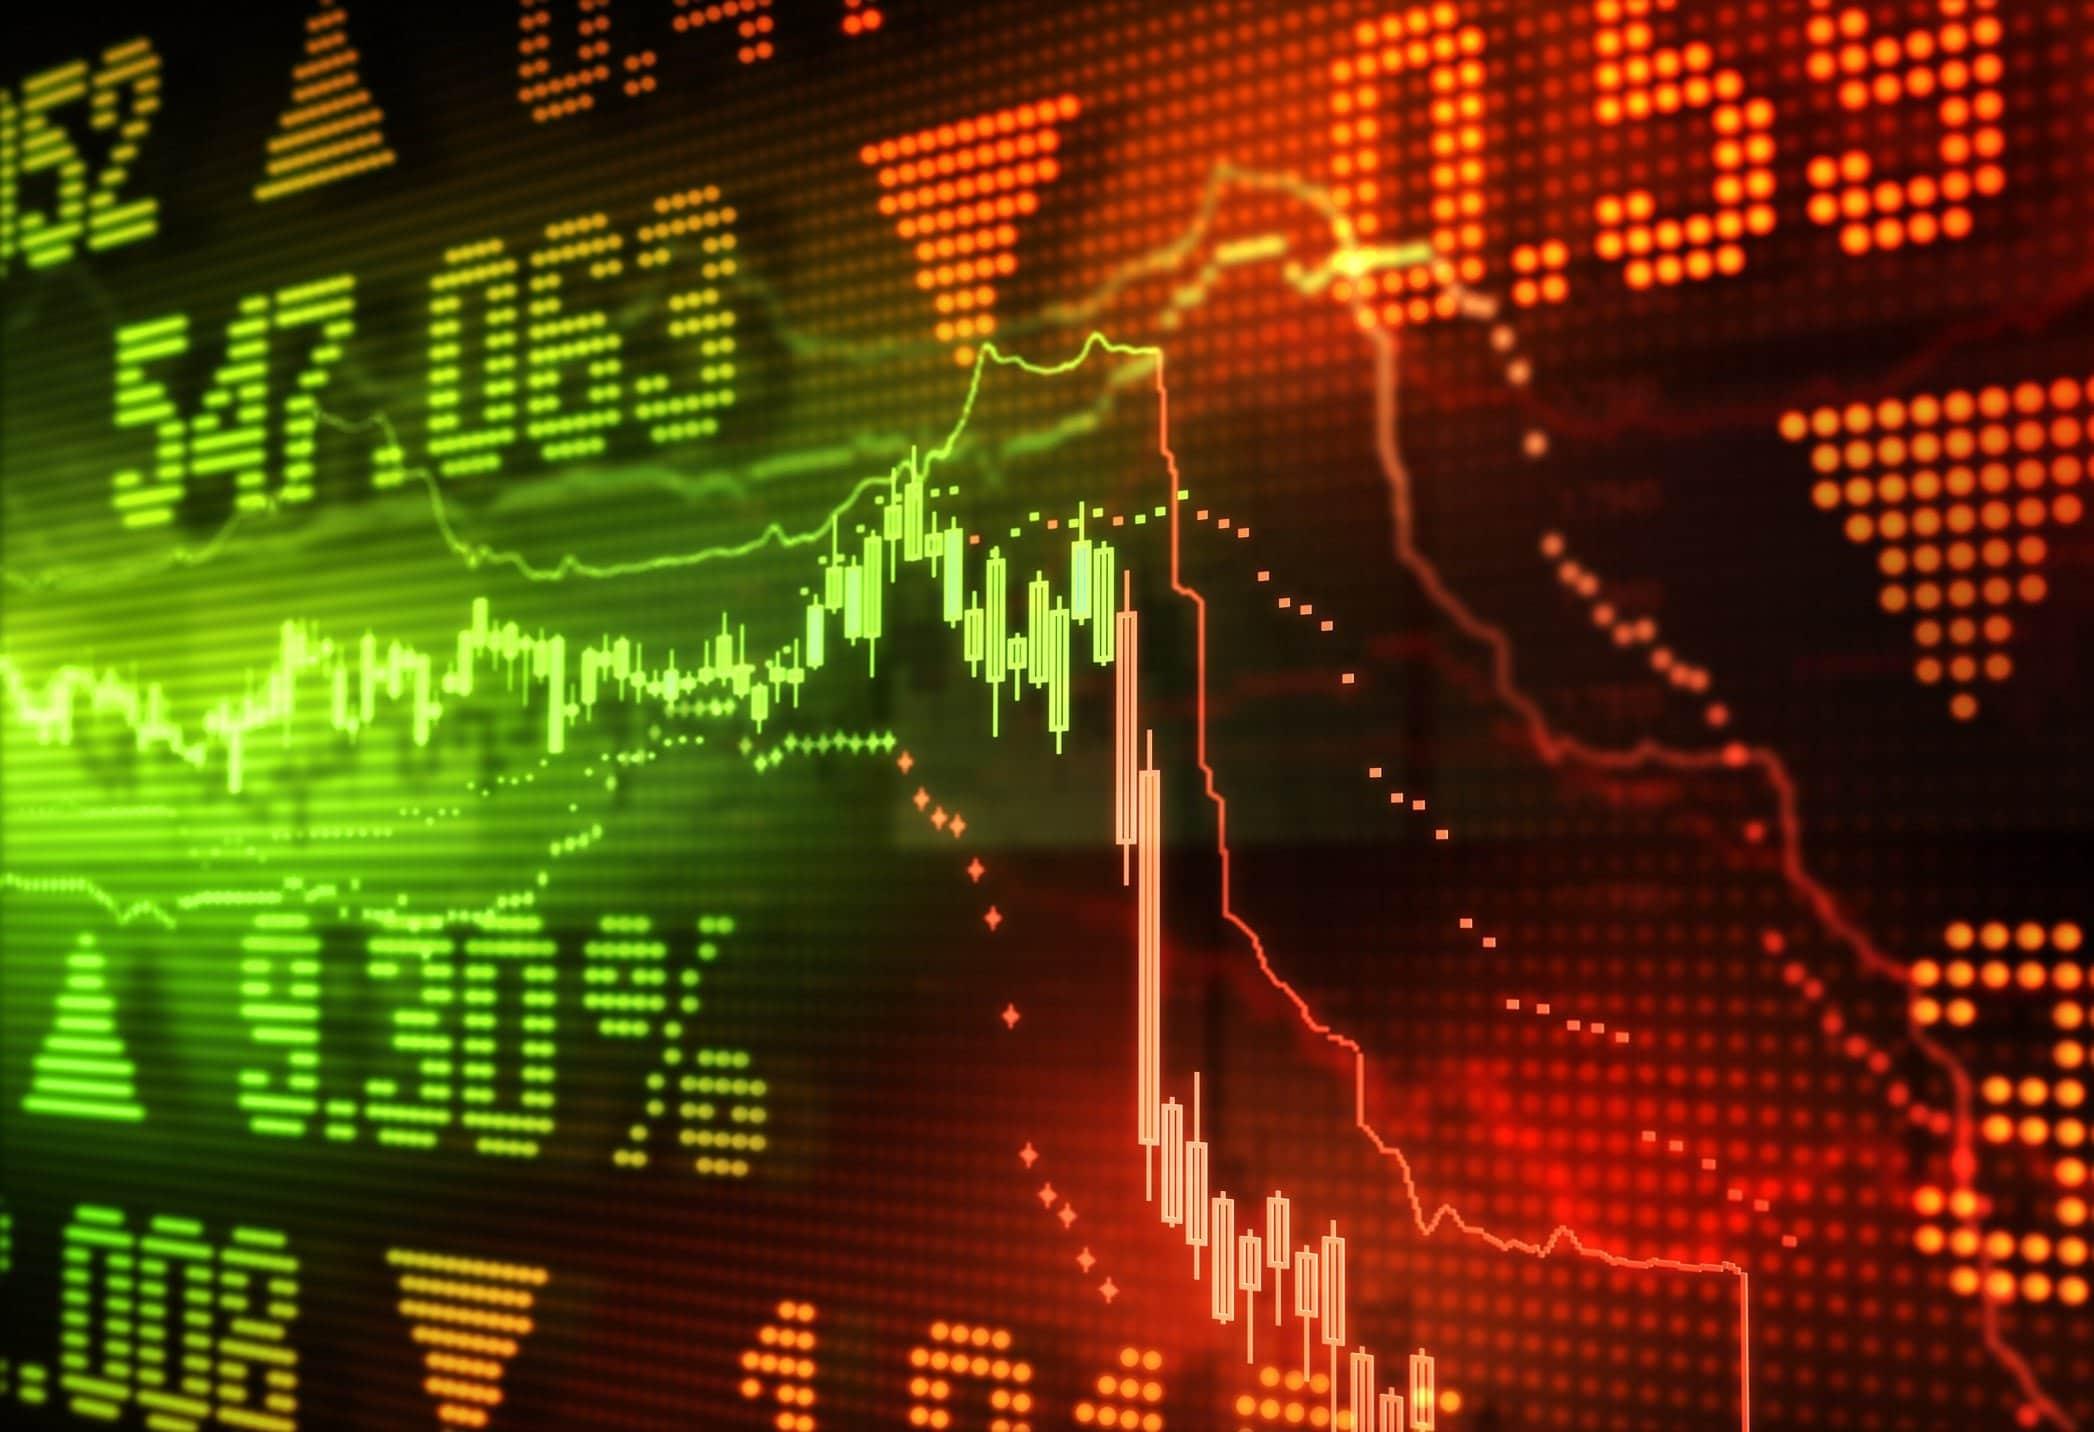 Inversiones más riesgosas